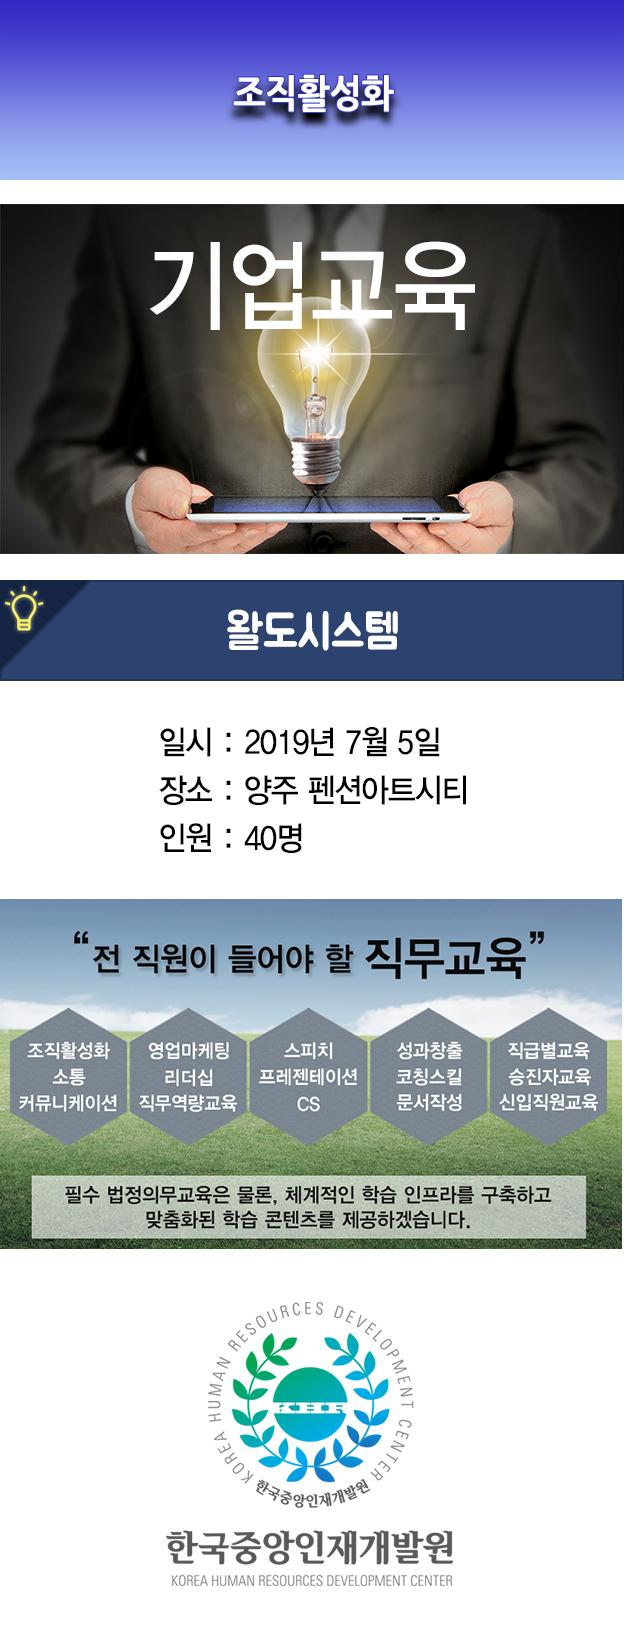 한국중앙인재개발원 공지사항_왈도시스템.jpg